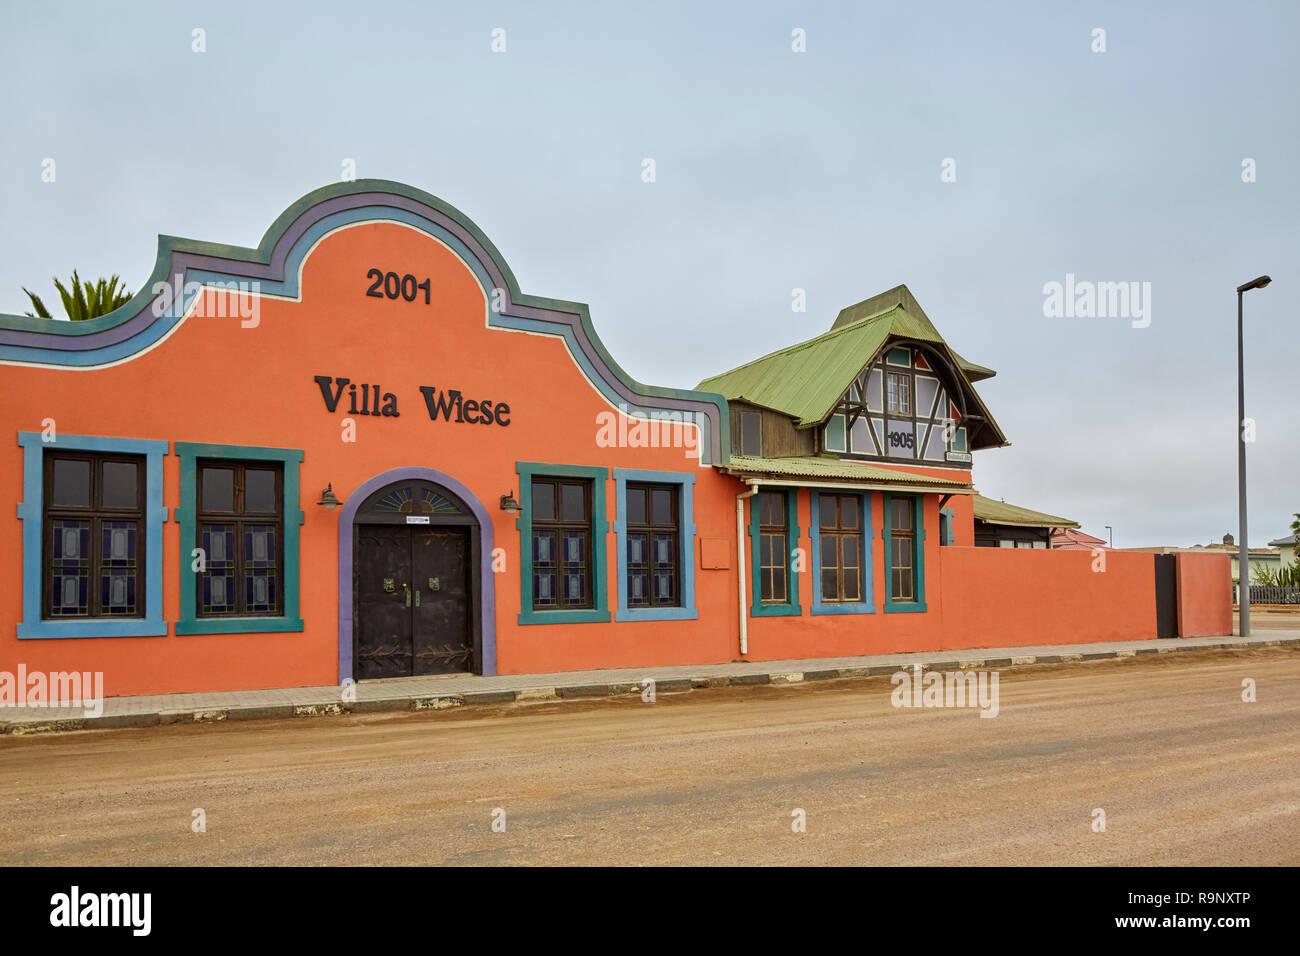 Villa Wiese in Swakopmund, Namibia, Africa - Stock Image